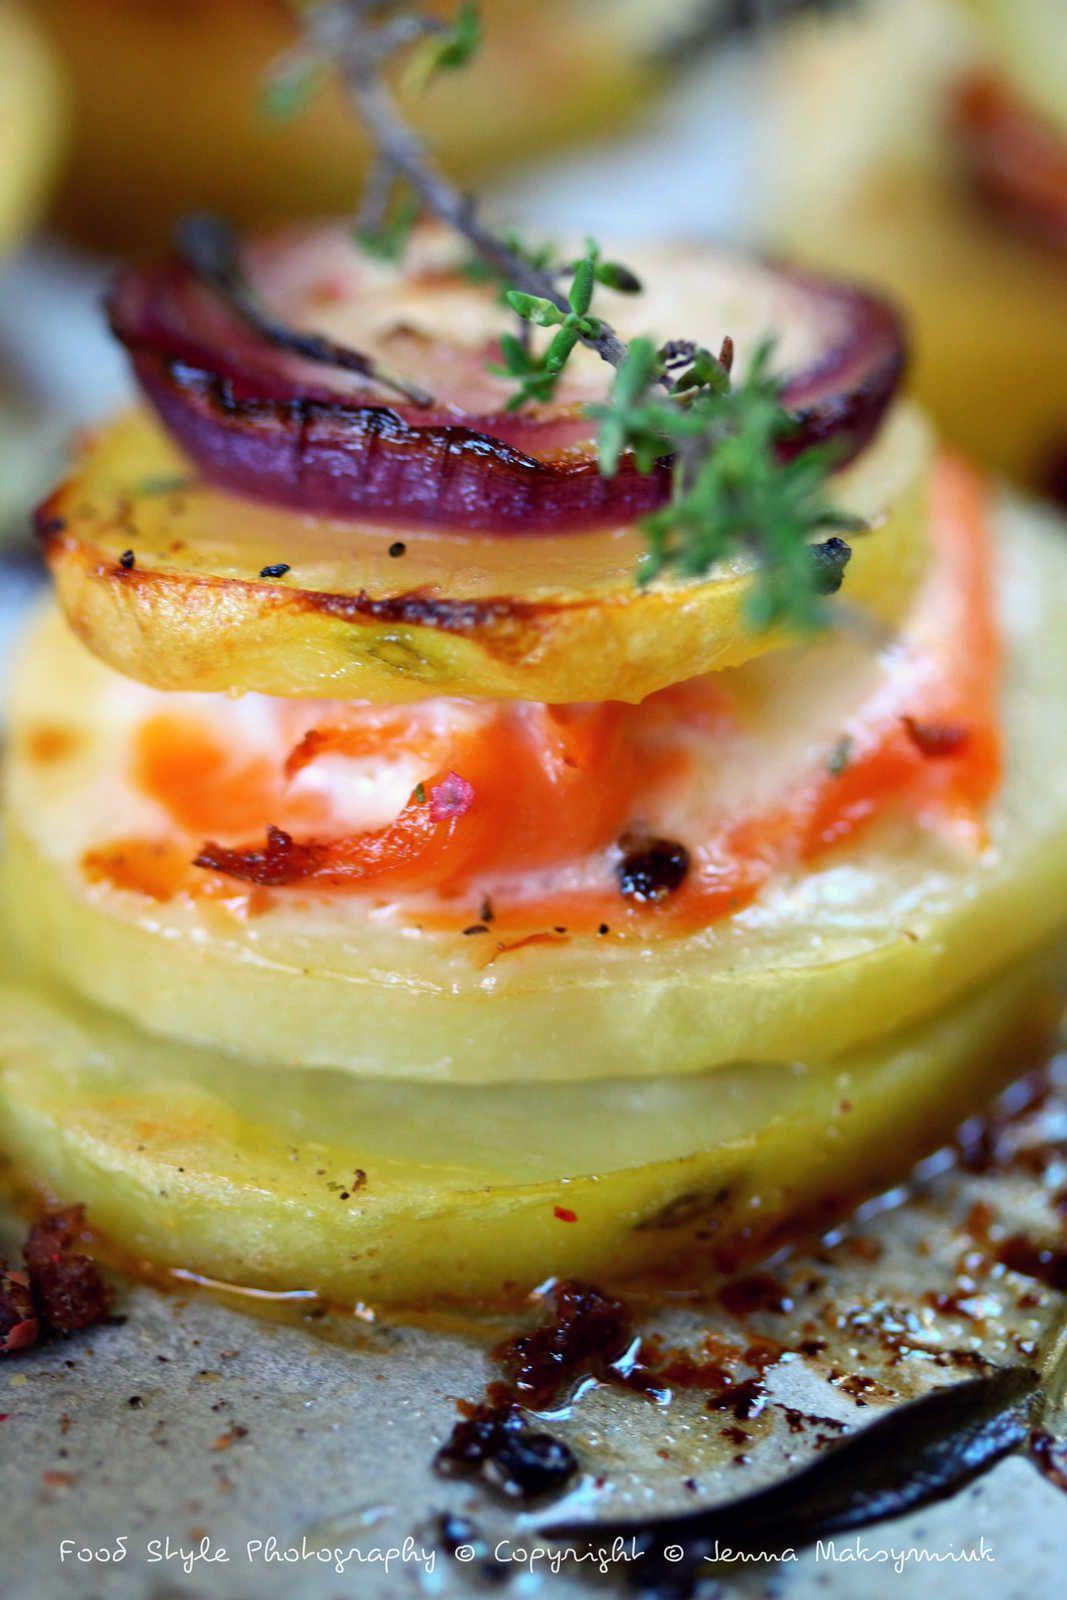 Food Style Photography © Copyright © Jenna Maksymiuk